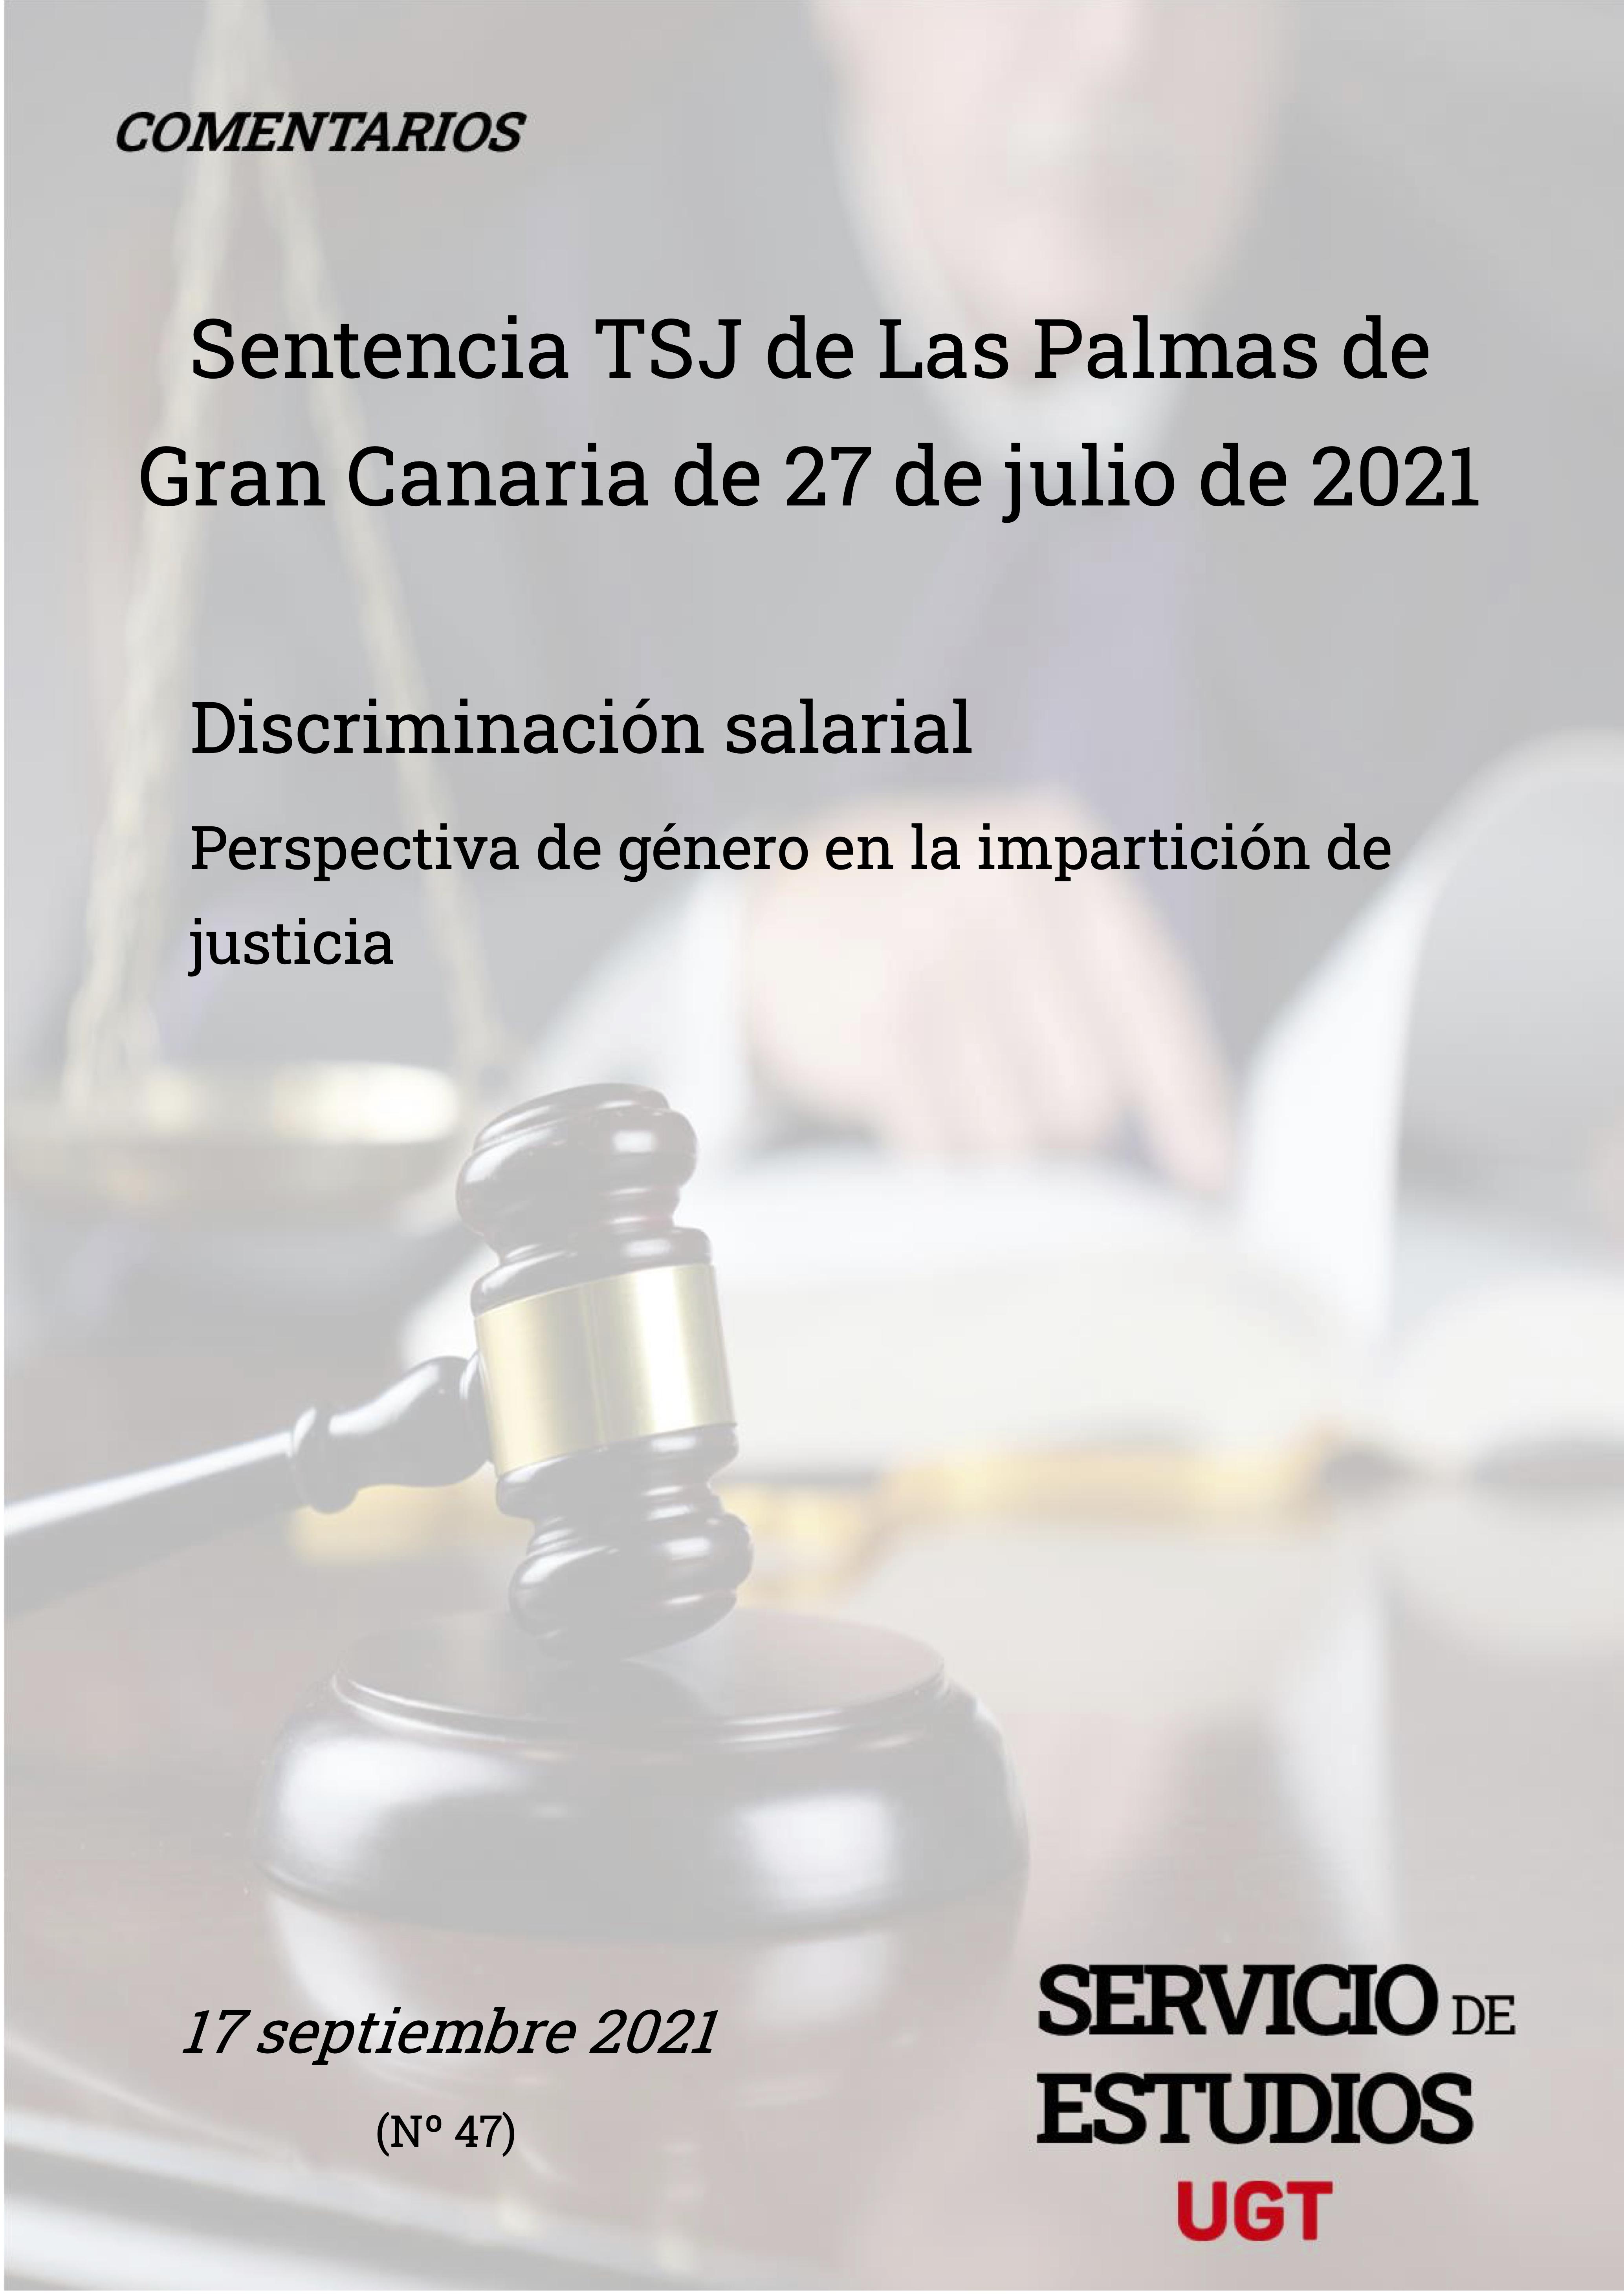 DISCRIMINACIÓN SALARIAL PERSPECTIVA DE GÉNERO EN LA IMPARTICIÓN DE JUSTICIA, Sentencia TSL de las Palmas de Gran Canarias 27 de Julio de 2021